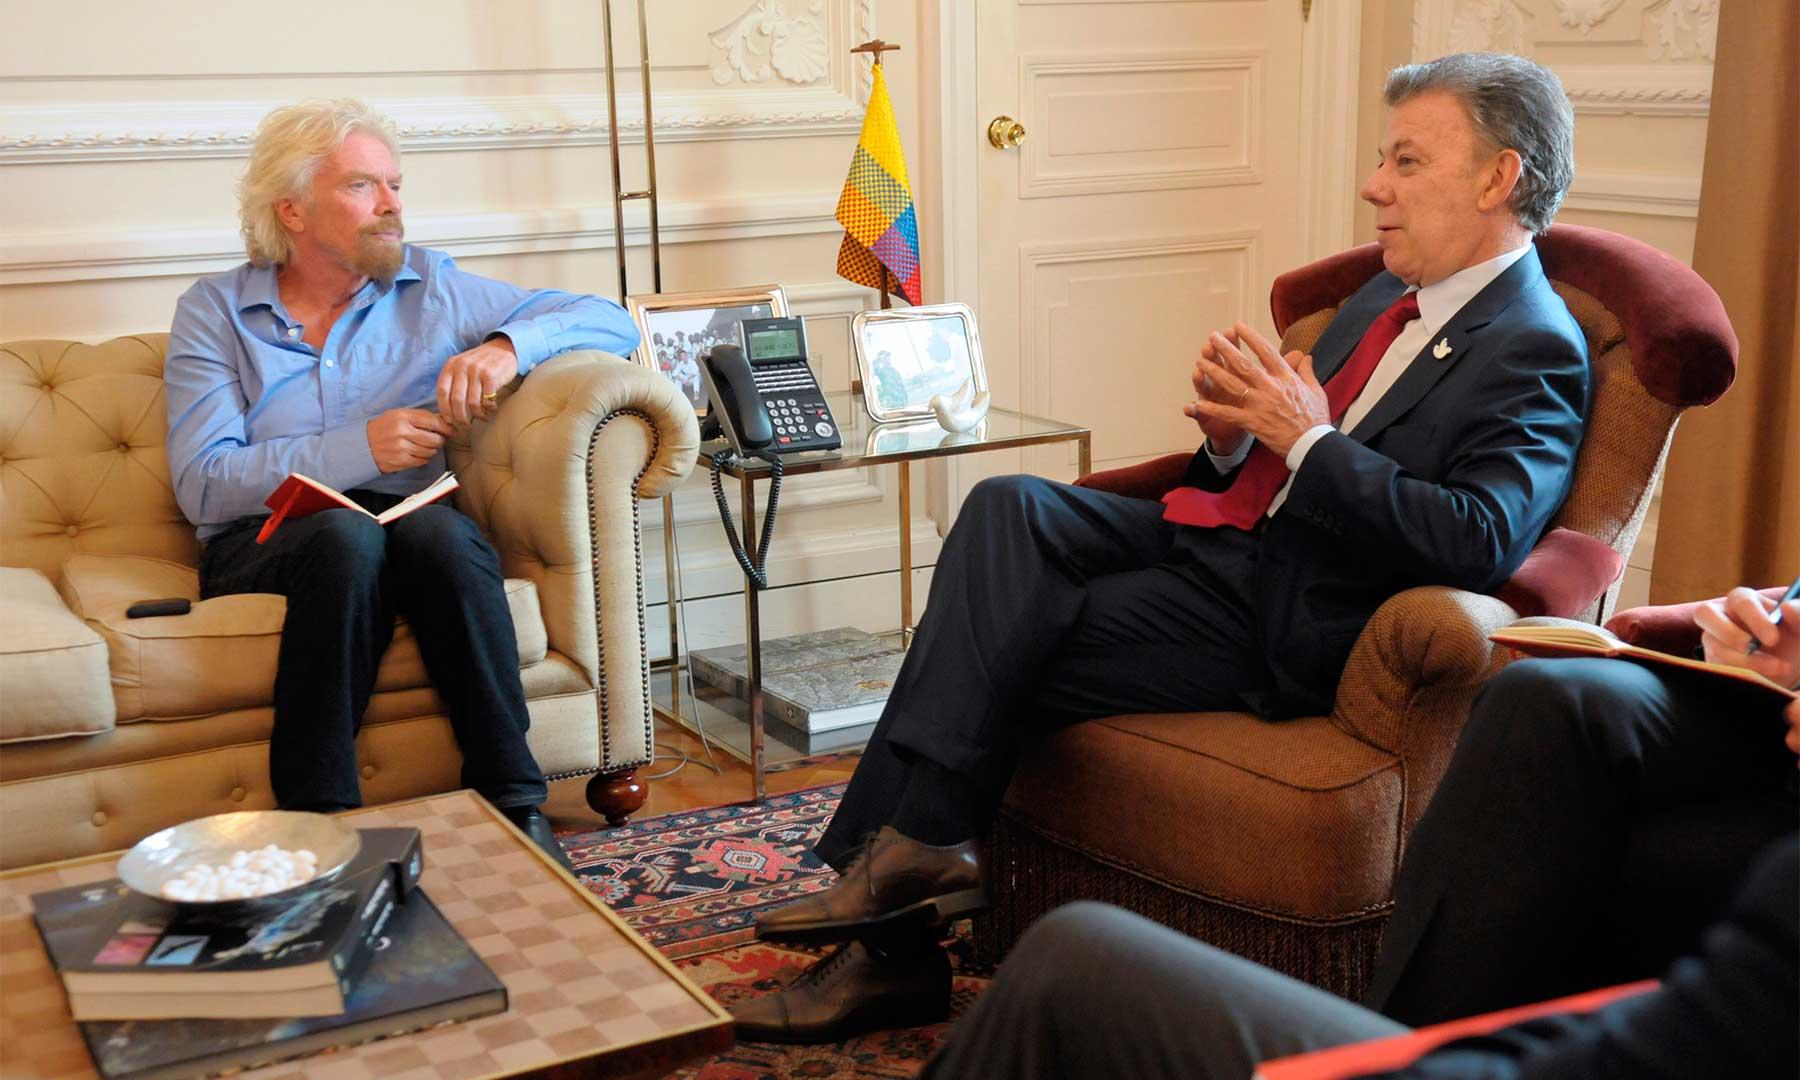 El Presidente Santos recibió en la Casa de Nariño la visita del fundador del Grupo Virgin, Sir Richard Branson, quien apoyó el proceso de paz y la postura colombiana sobre la lucha contra las drogas.